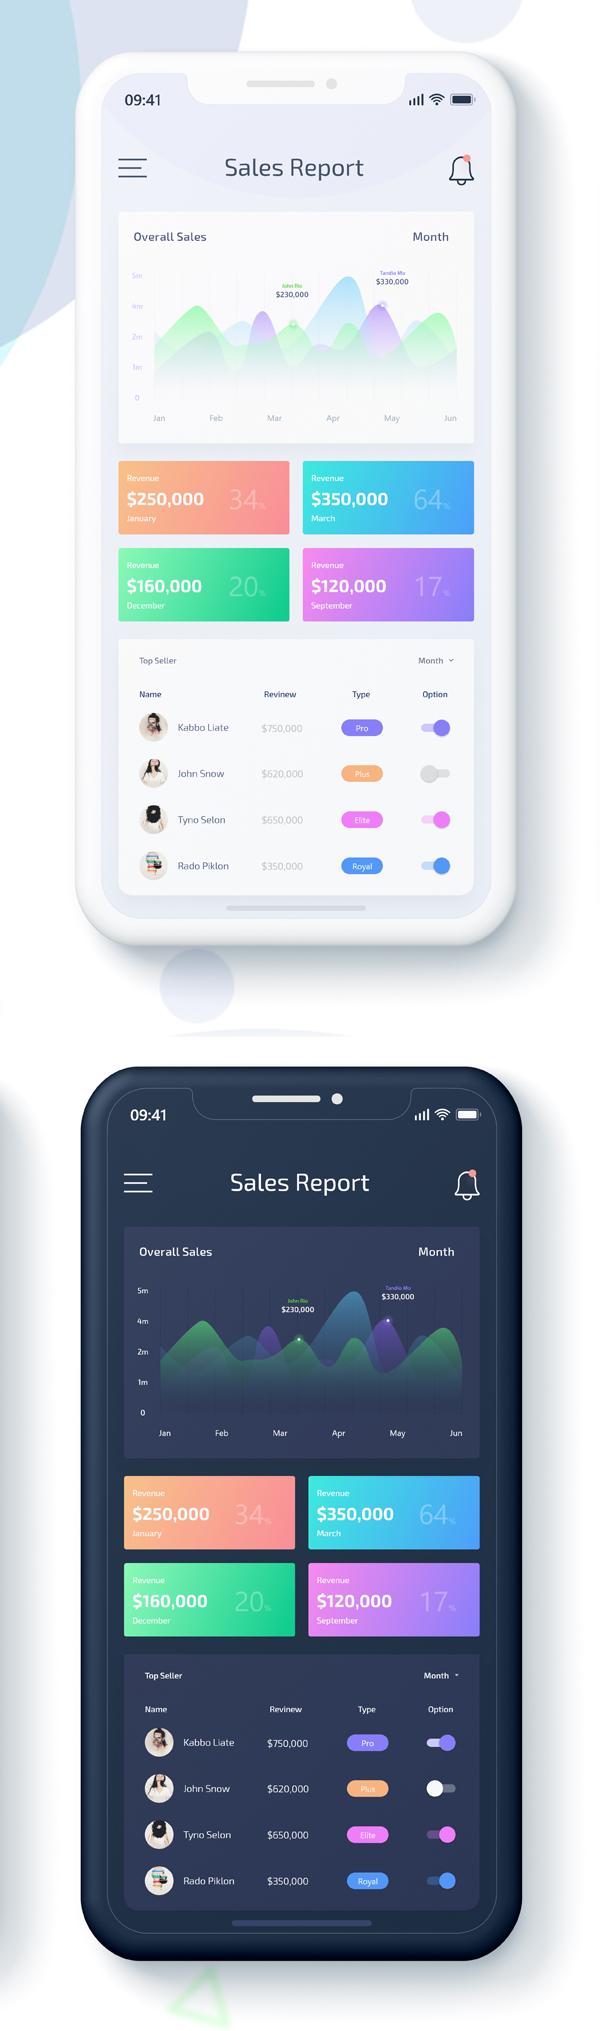 Free Sales Data Report Mobile App UI